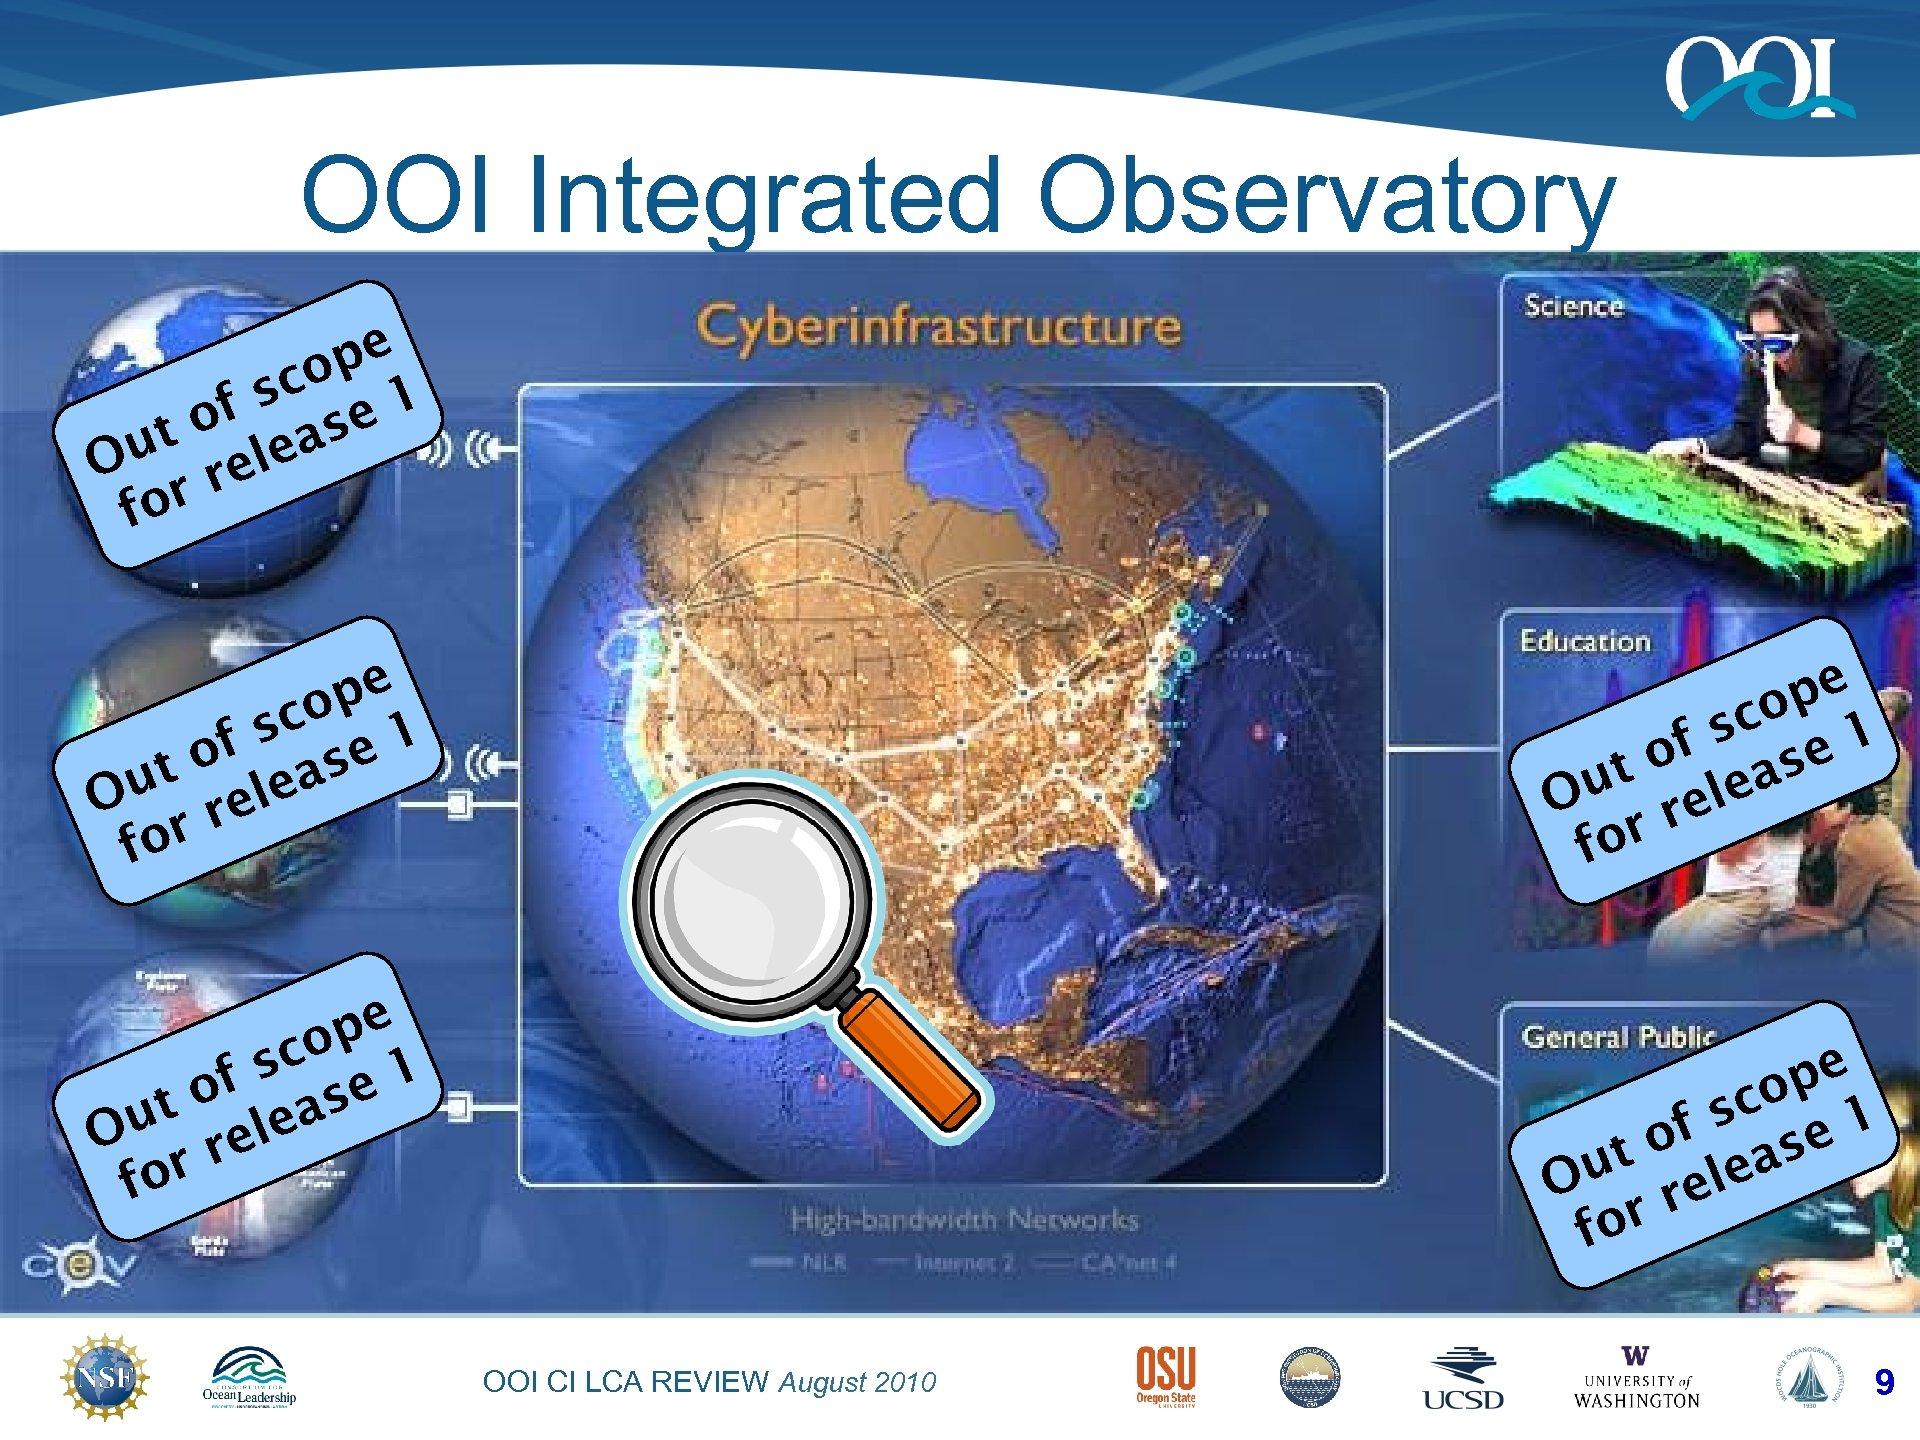 OOI Integrated Observatory pe co 1 f s se o ut elea O r